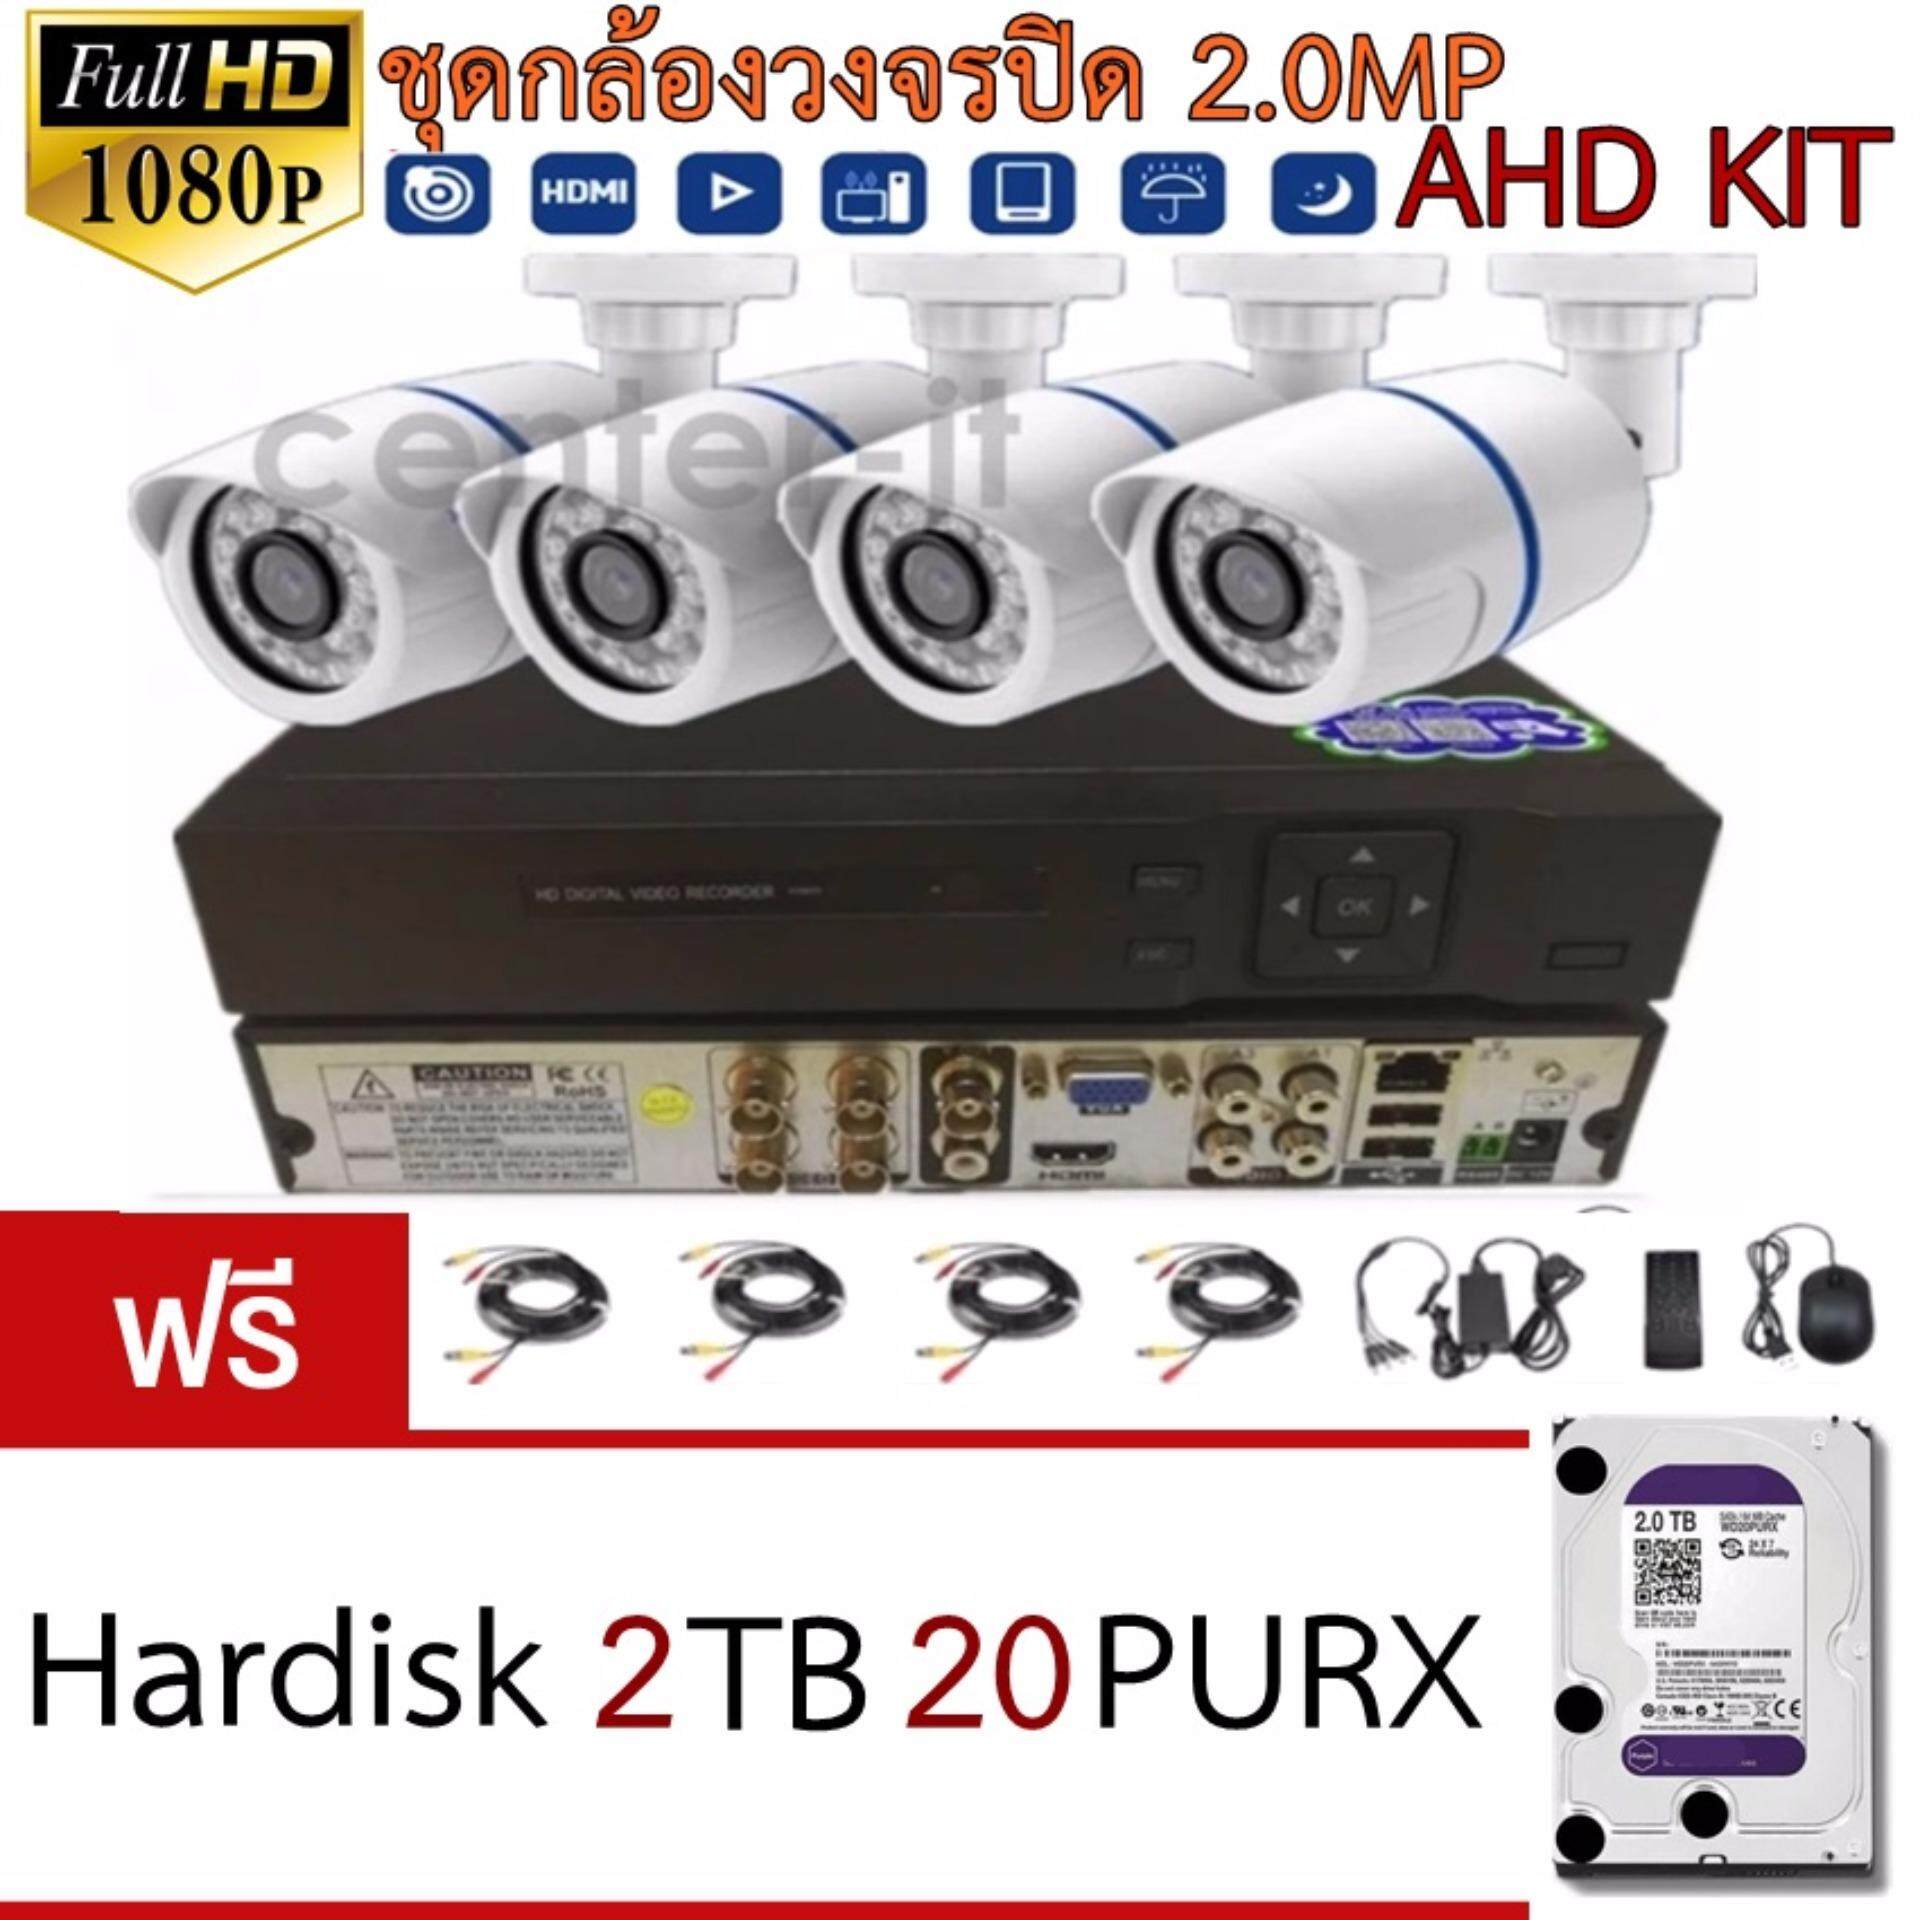 ข้อมูล CCTV AHD KIT ชุดกล้องวงจรปิด 1080p HDMI AHD 2.0MP - 4CH ฟรีHardisk 2TB 20PURX สำหรับกล้องวงจรปิด ภาพชัดที่สุด